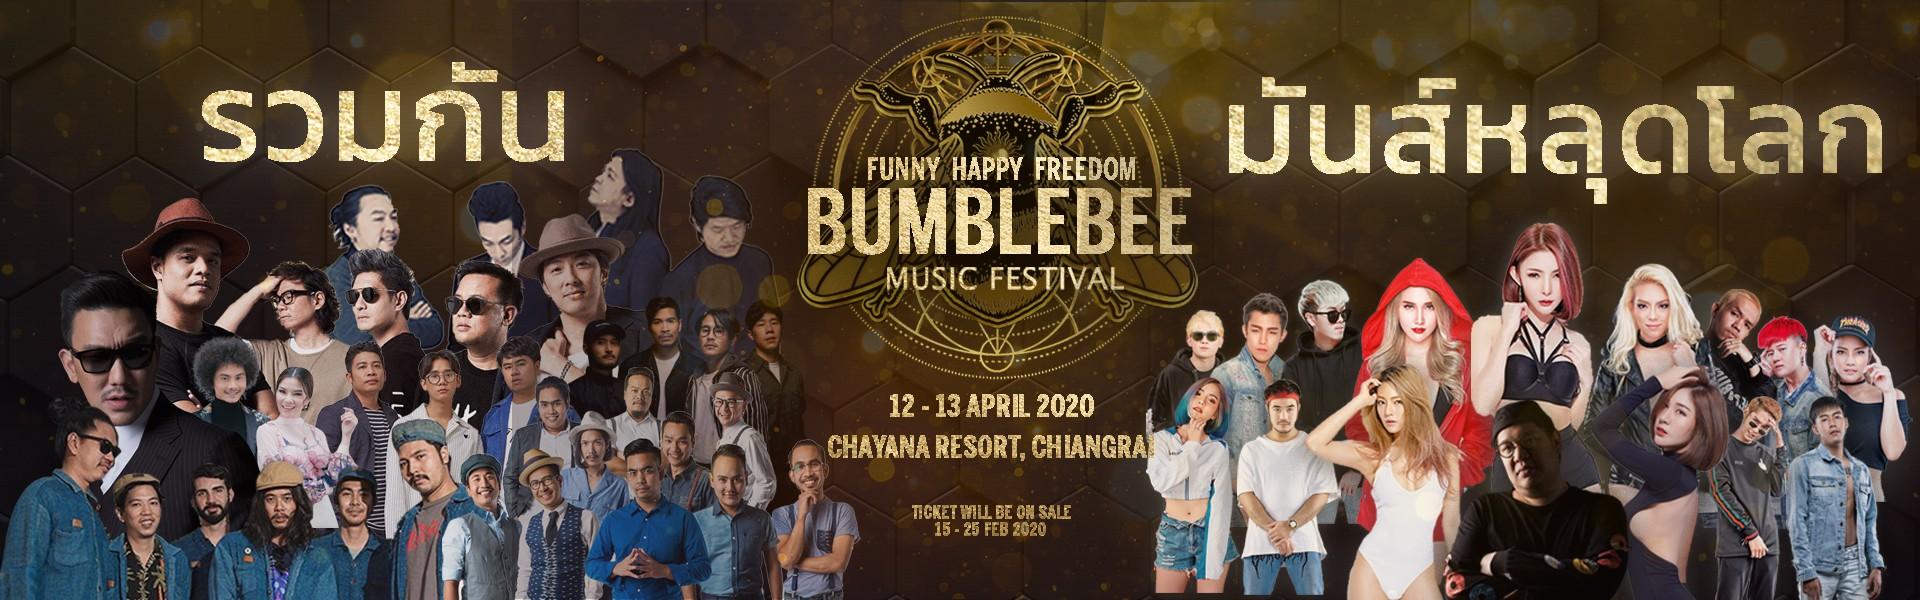 BUMBLEBEE Music Festival 2020 เทศกาลดนตรี เหนือสุด โอโซนดีที่สุดของสยามประเทศ